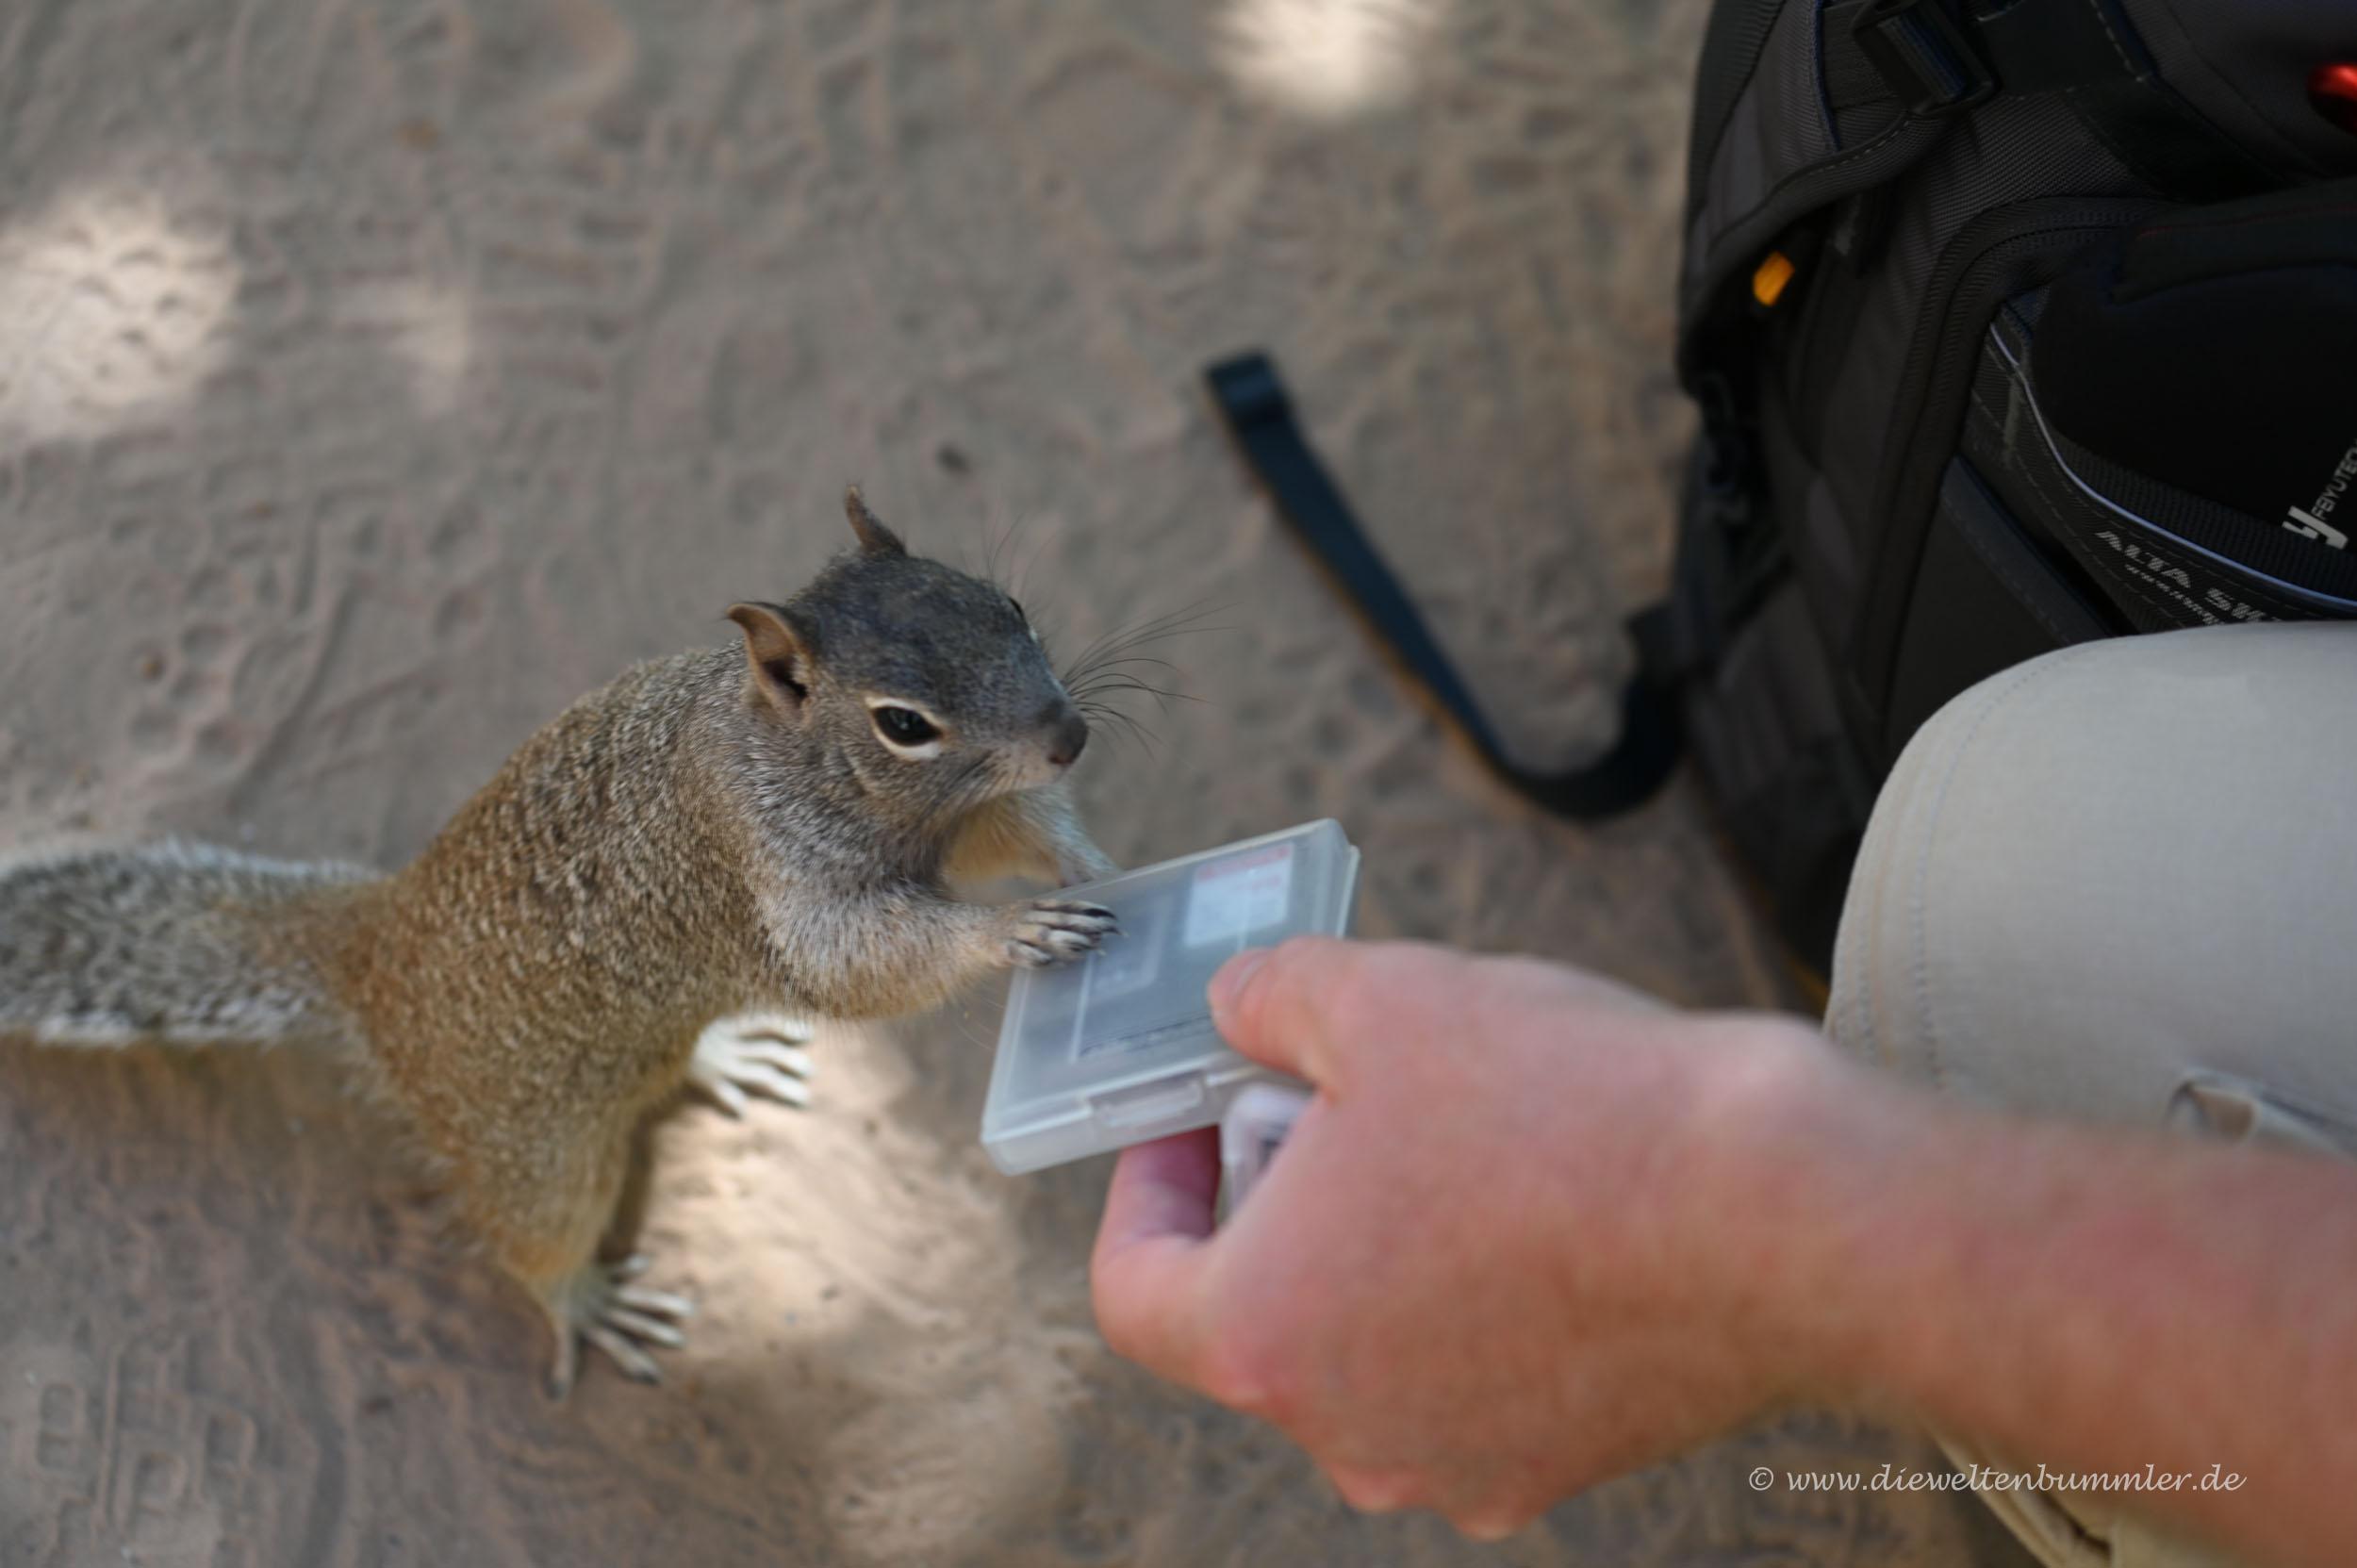 Squirrel hilft beim Speicherkartenwechsel